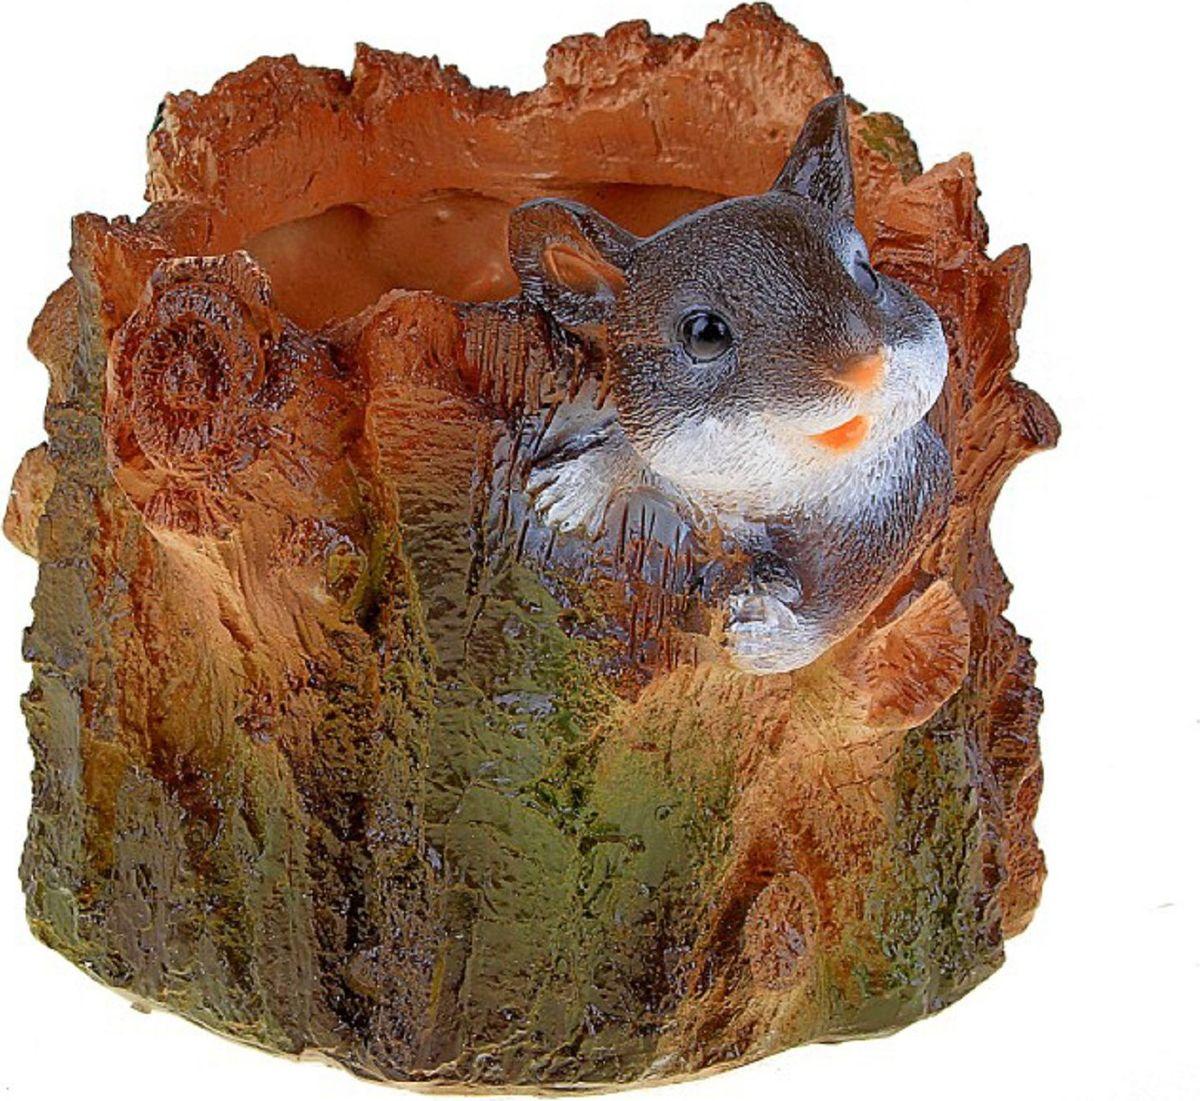 Кашпо Мышка, 15 х 18 х 18 см493136Кашпо Мышка выполнено из гипса. Каждому из растений необходим свой удобный и красивый дом. Поселите зелёного питомца в яркое и оригинальное фигурное кашпо. Выберите подходящую форму для детской, спальни, гостиной, балкона, офиса или террасы. Кашпо Мышка позаботится о растении, украсит окружающее пространство и подчеркнёт его оригинальный стиль.